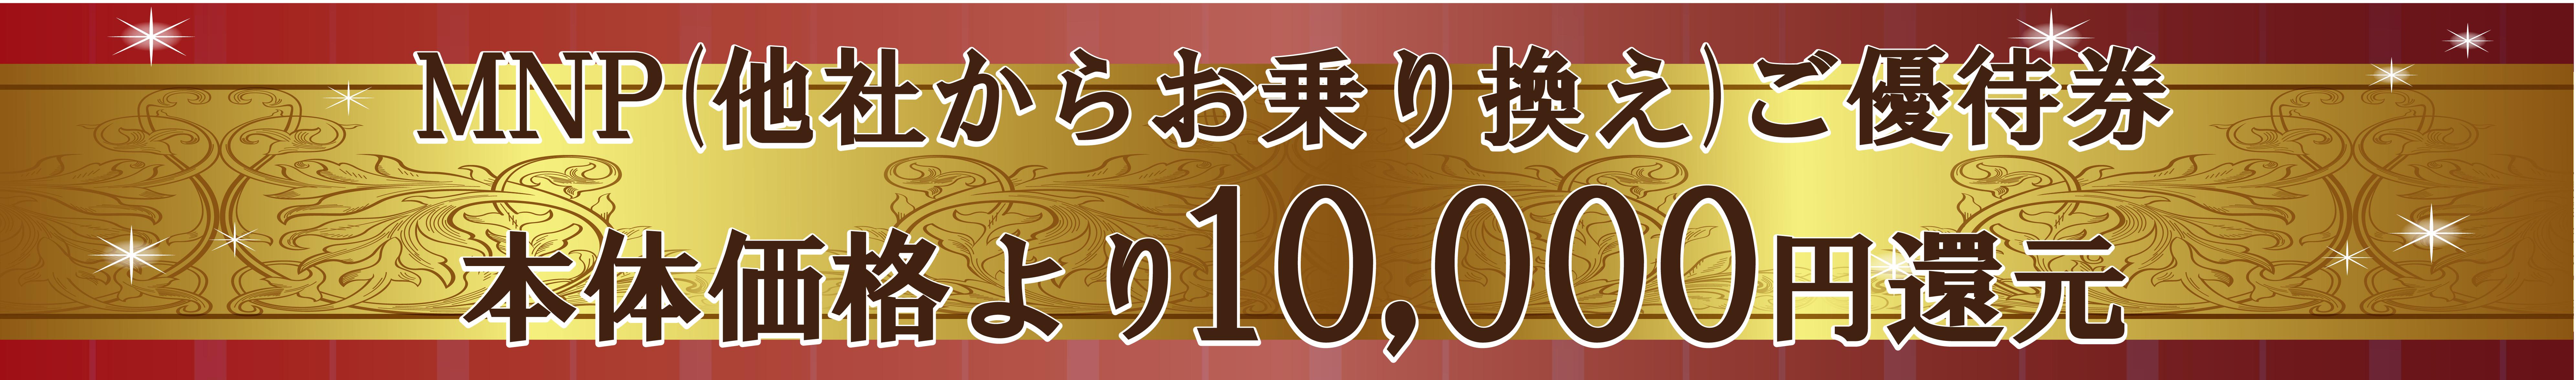 10,000還元